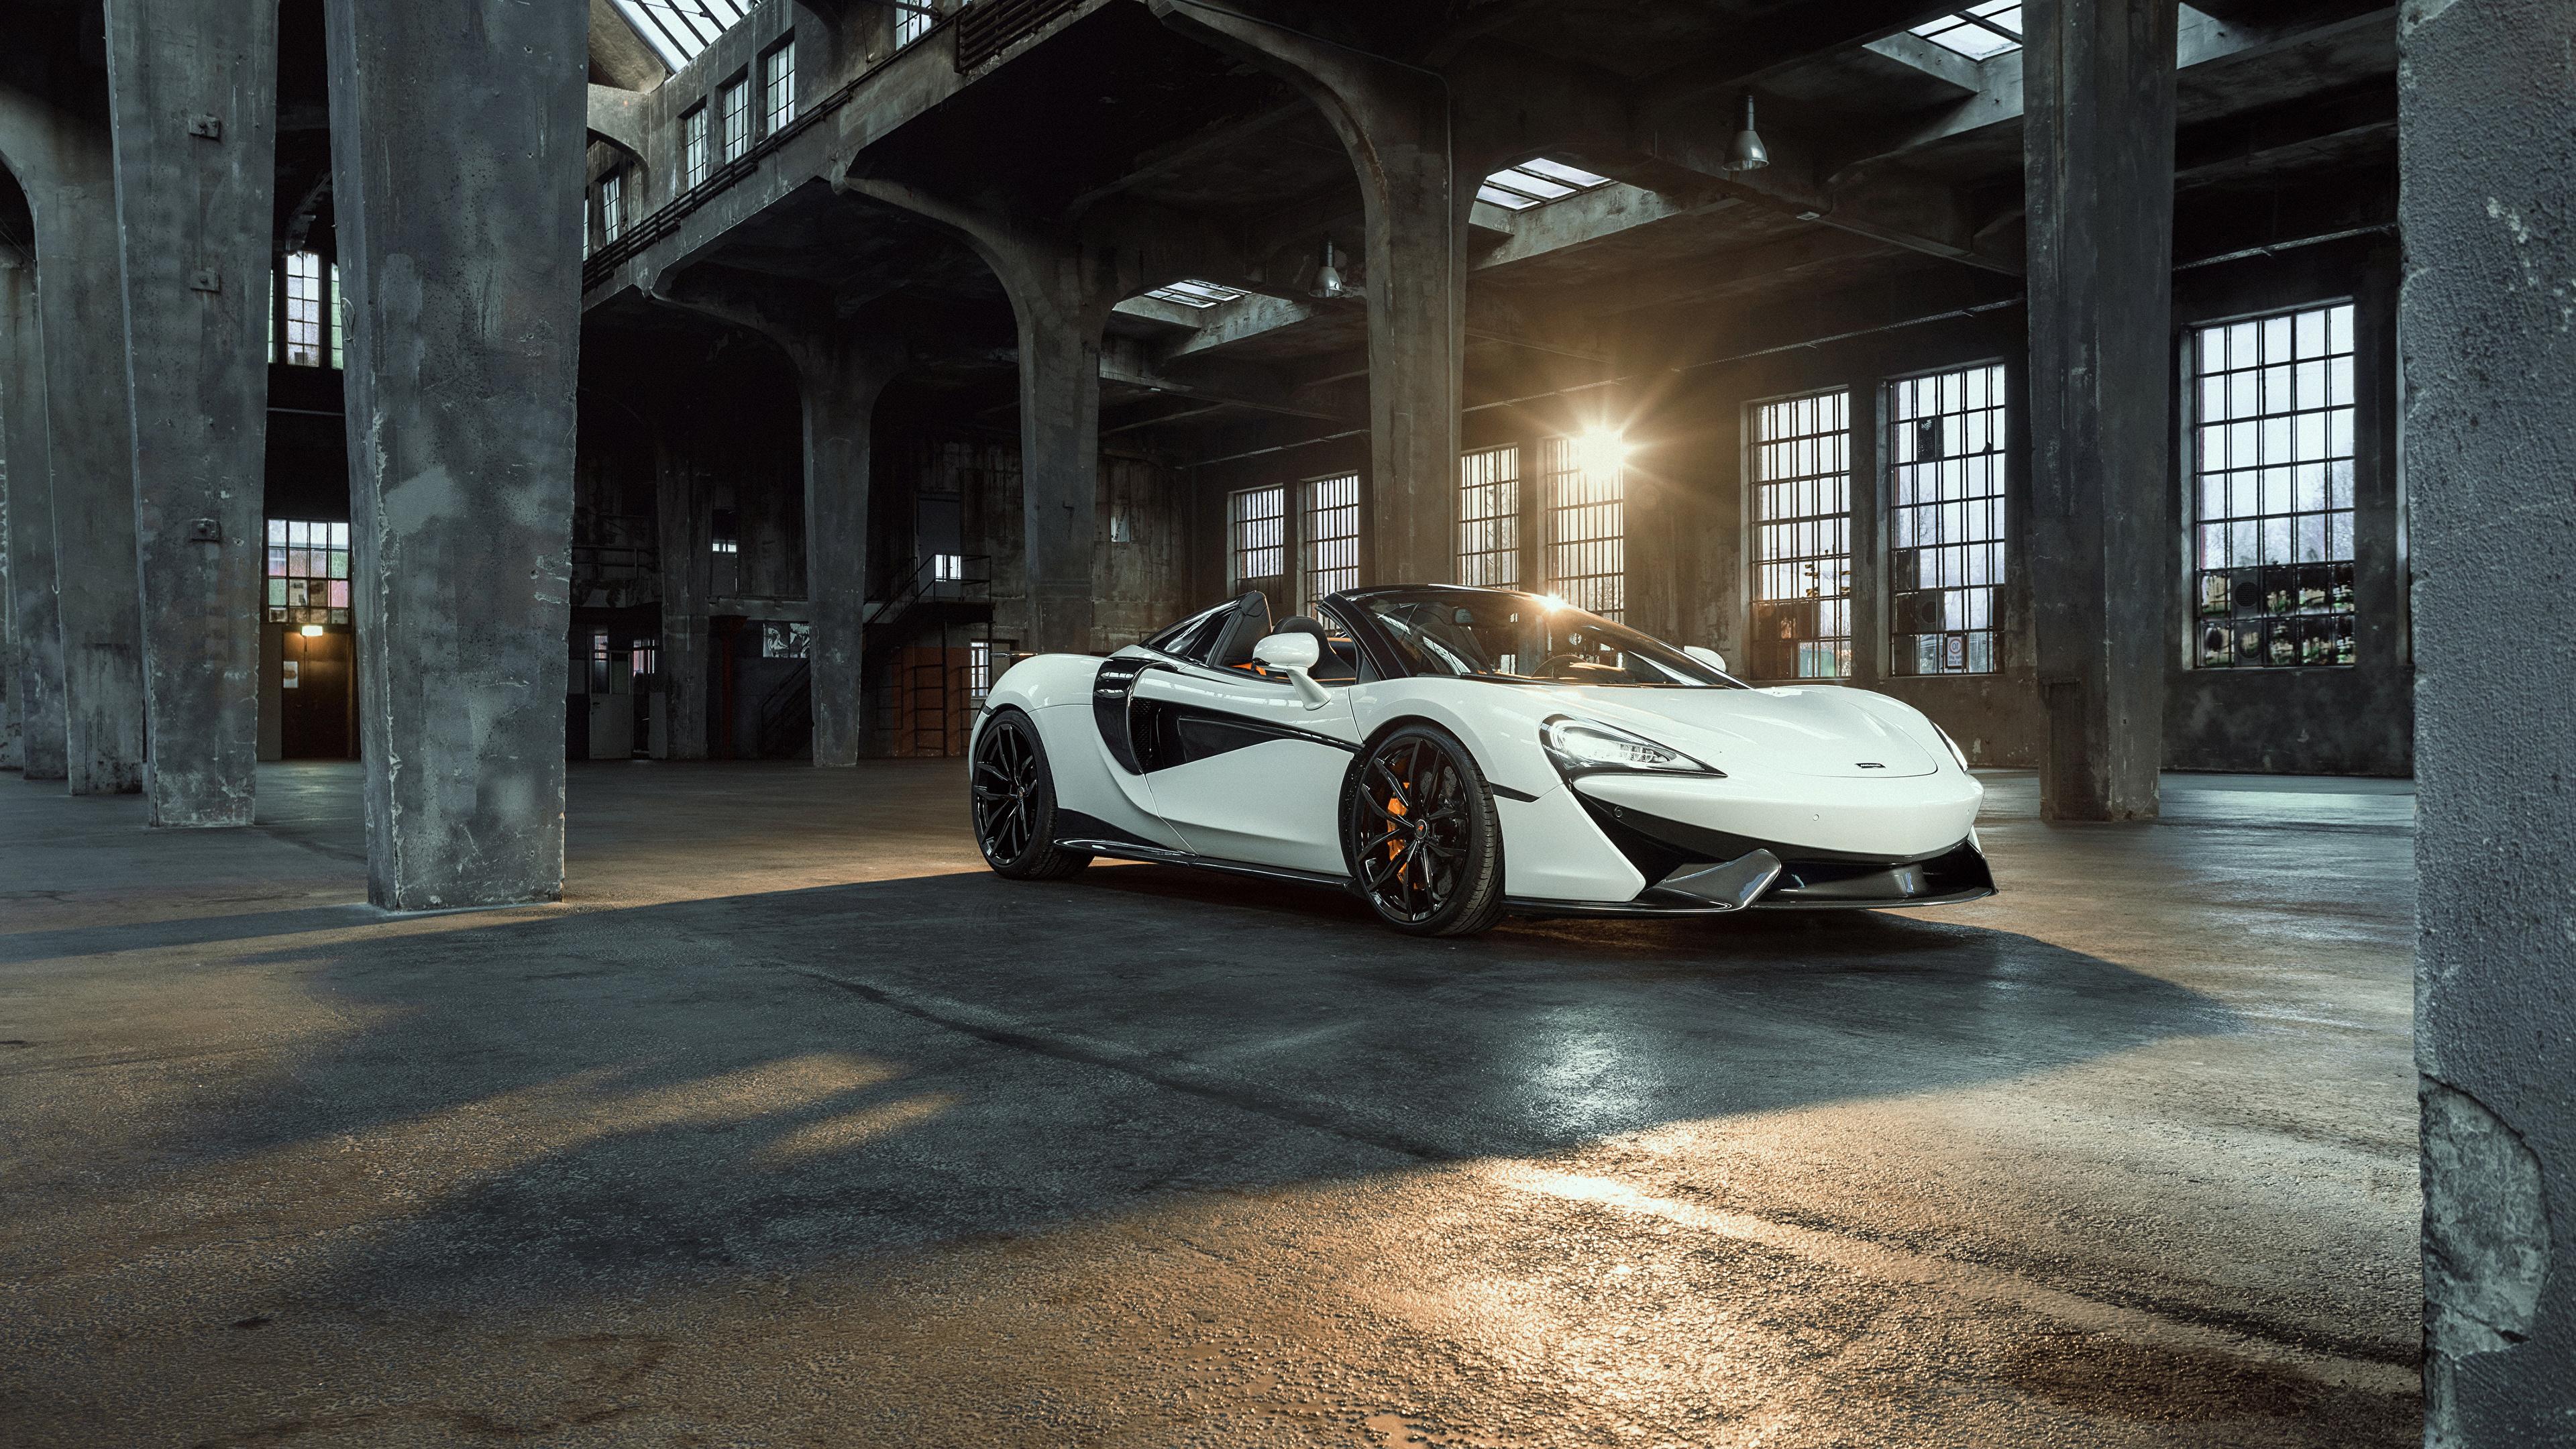 Картинка McLaren 2018 Novitec 570S Spider белые машины Металлик 3840x2160 Макларен белых Белый белая авто машина автомобиль Автомобили